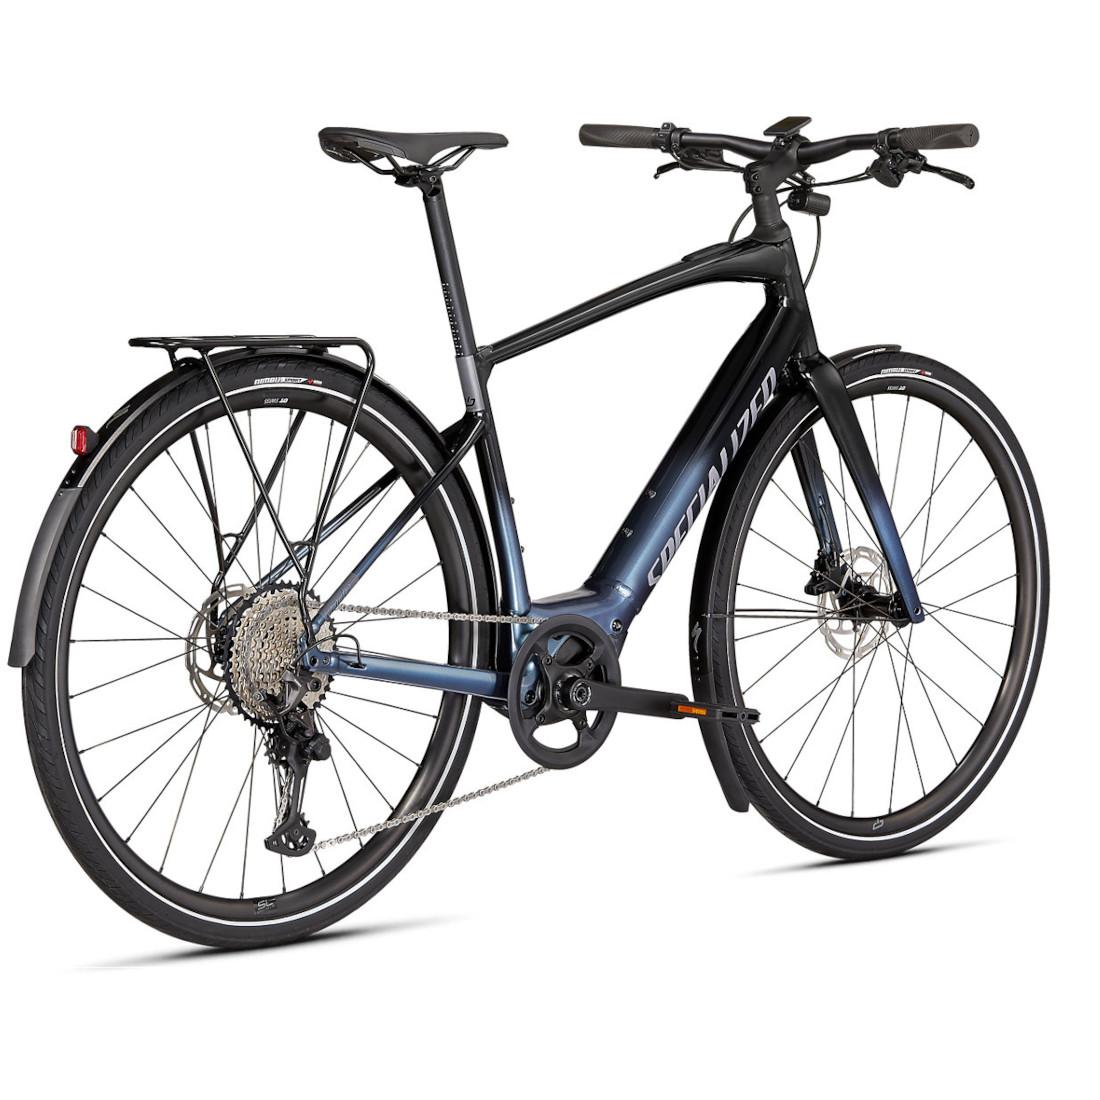 Image of Specialized TURBO VADO SL 5.0 EQ E-Bike - 2022 - brushed aluminum / black reflective